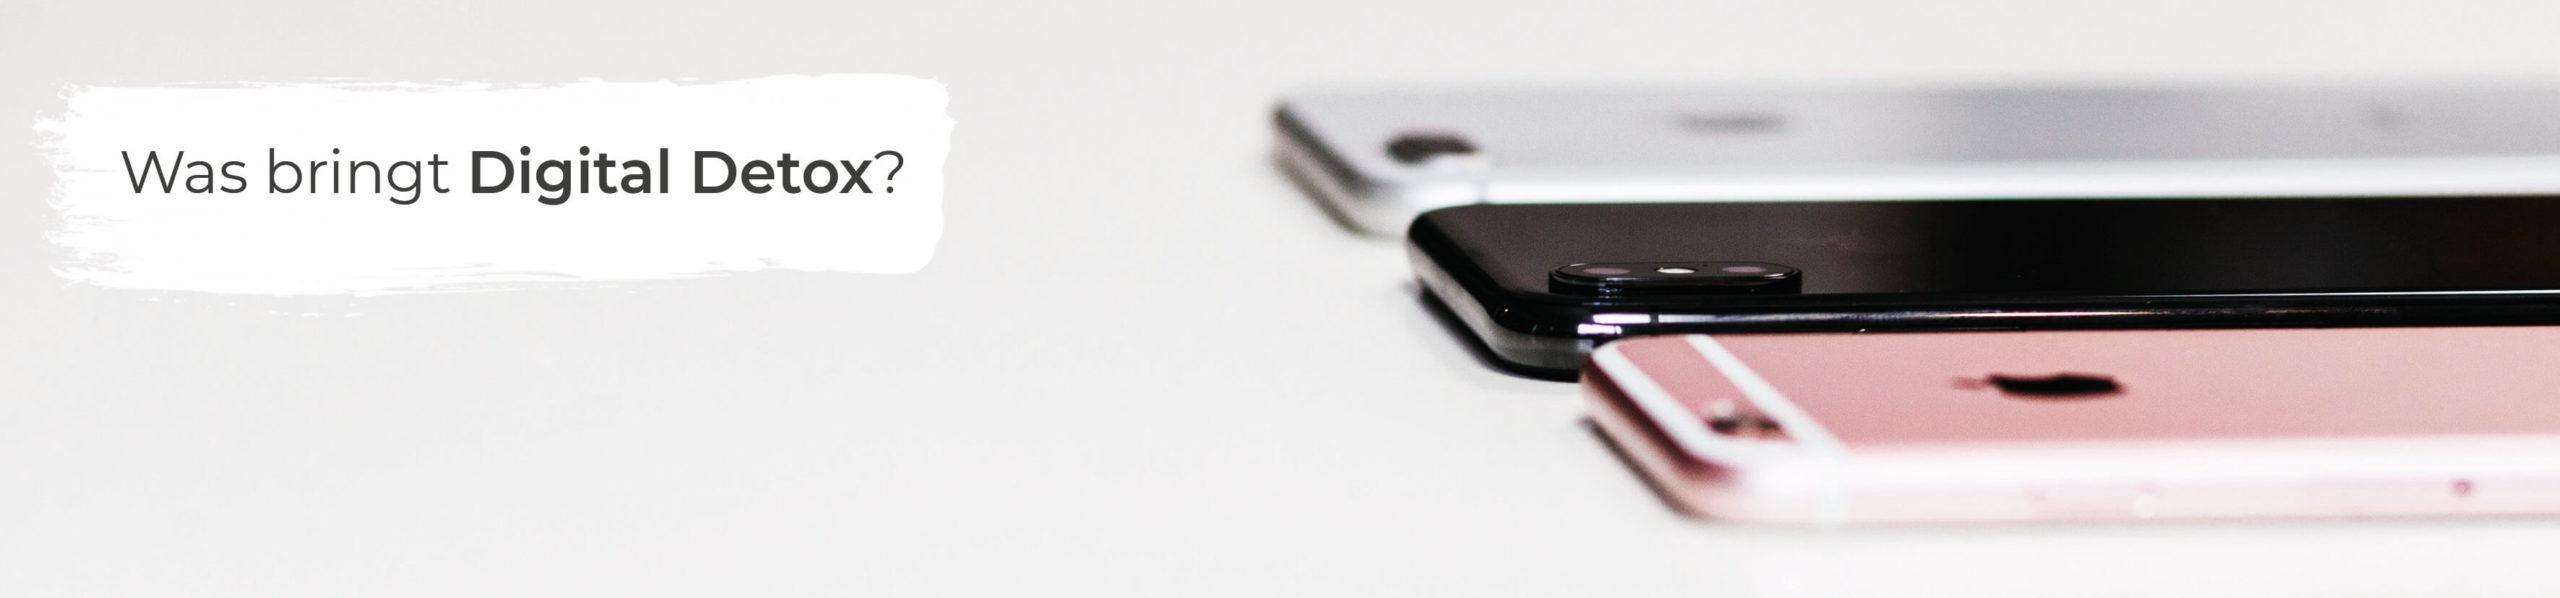 Was bringt Digital Detox?